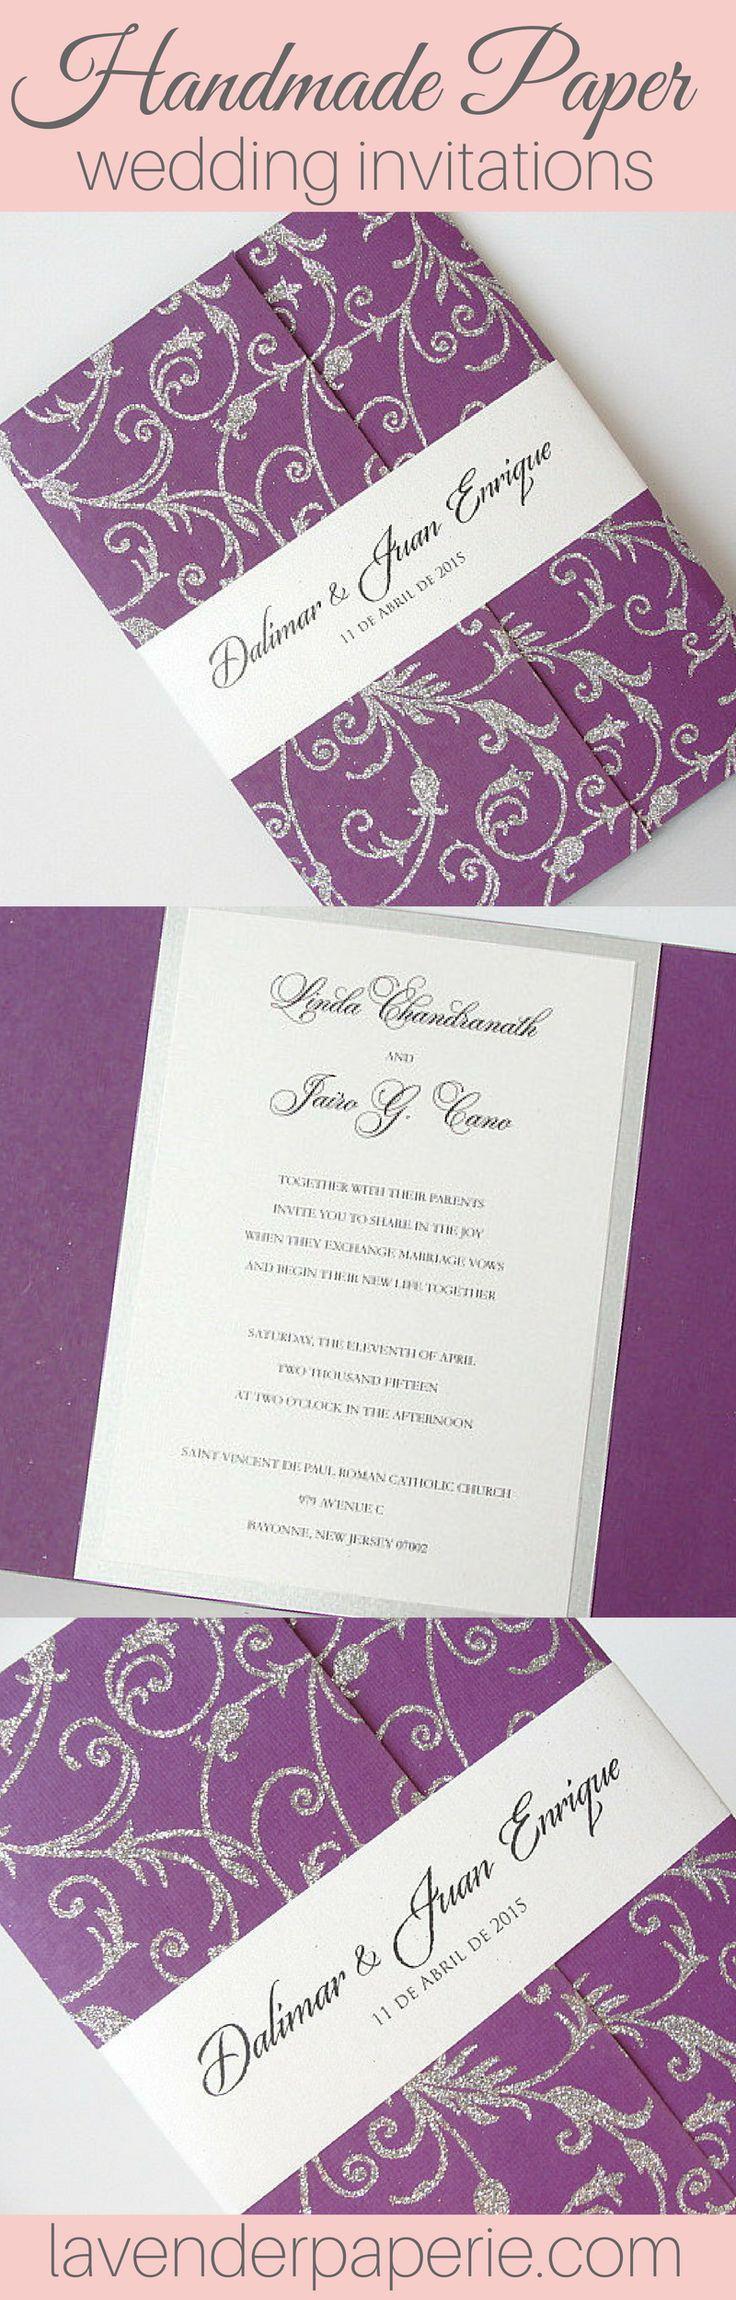 purple white silver wedding invitations%0A Handmade Paper Wedding Invitations by Lavender Paperie  weddinginvitations   weddinginvites  elegantweddinginvites  classicweddinginvitations